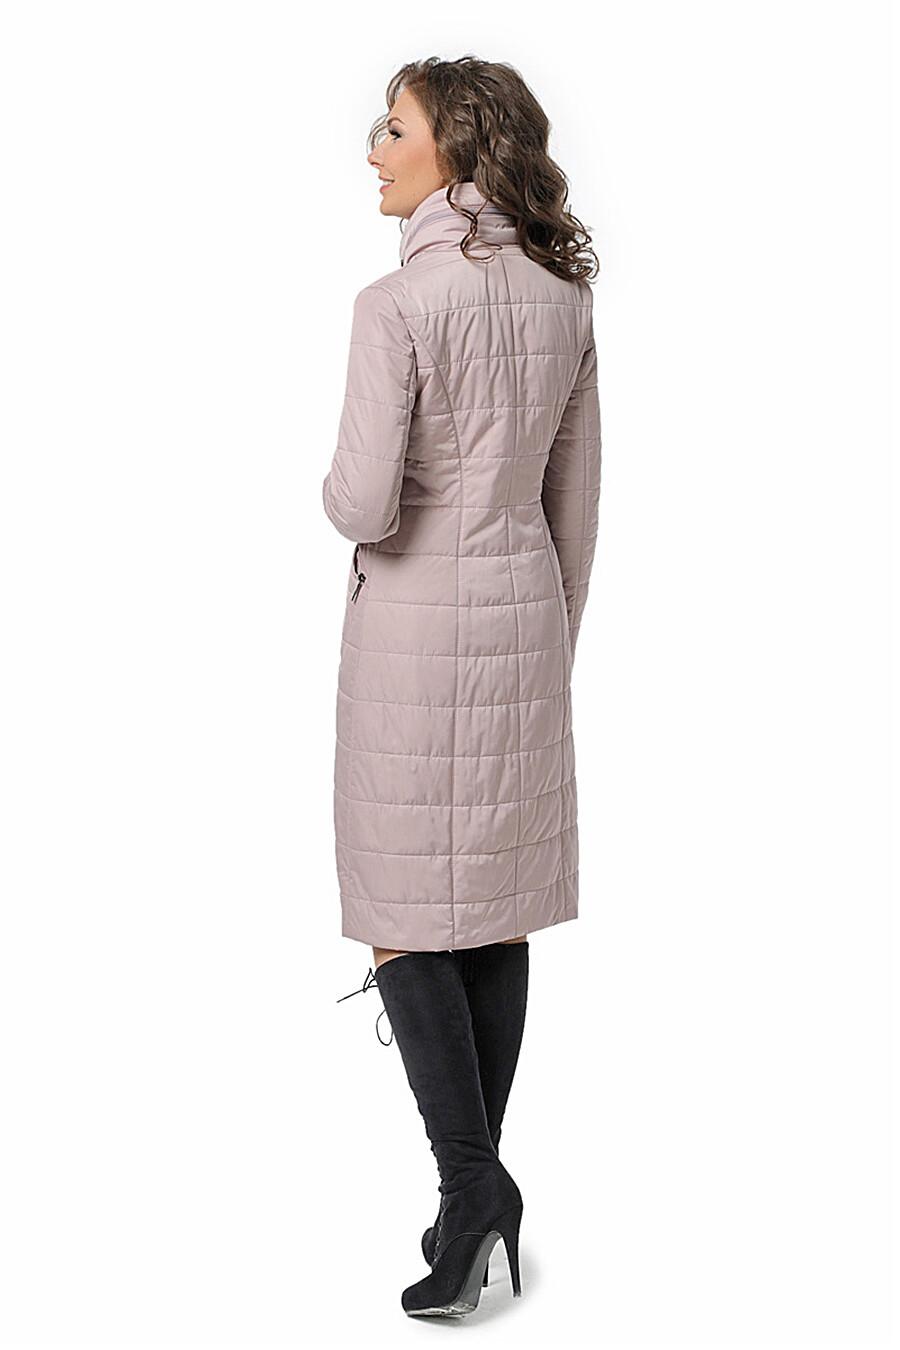 Плащ для женщин DIWAY 169606 купить оптом от производителя. Совместная покупка женской одежды в OptMoyo